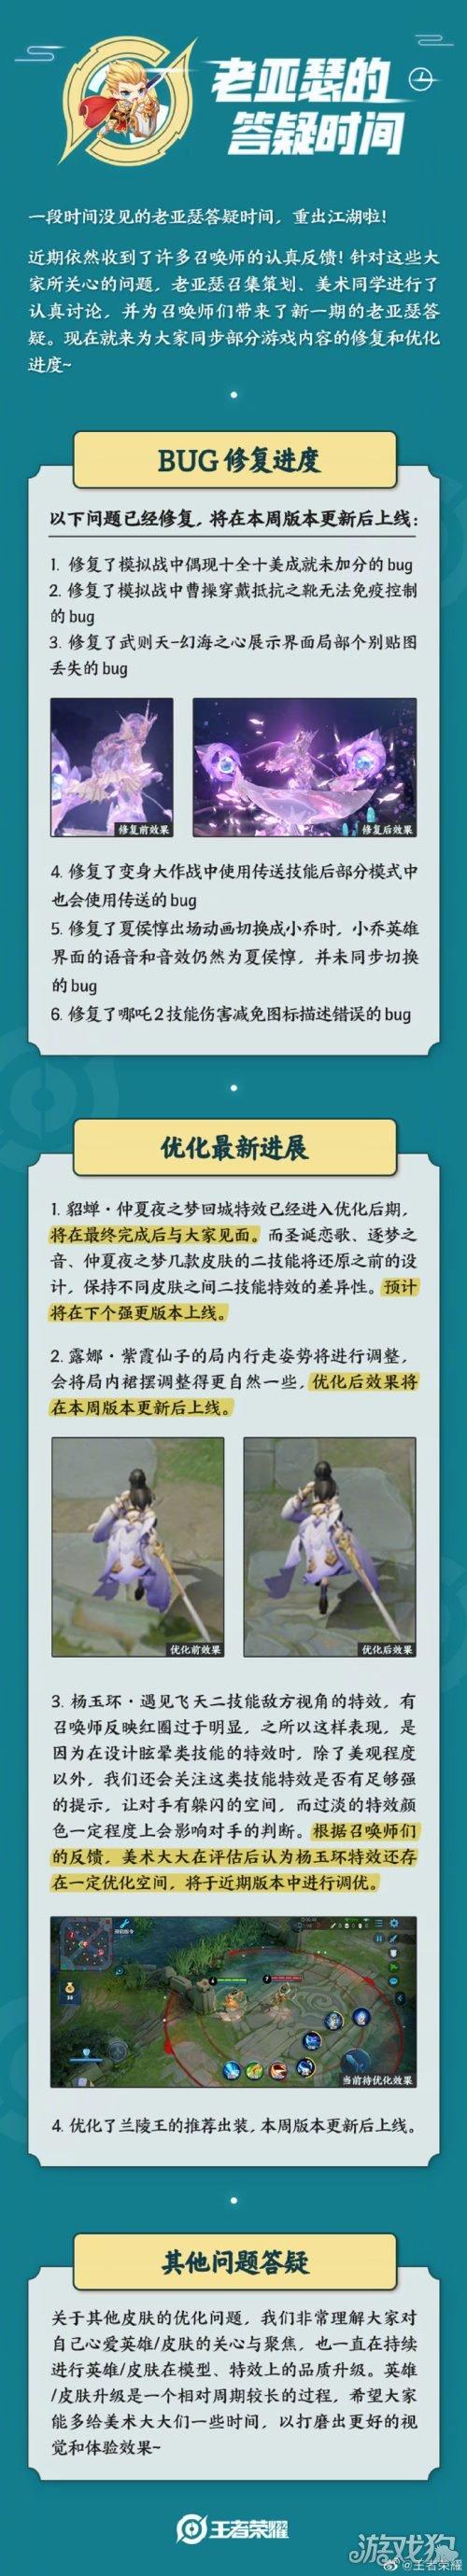 http://www.weixinrensheng.com/youxi/1064794.html